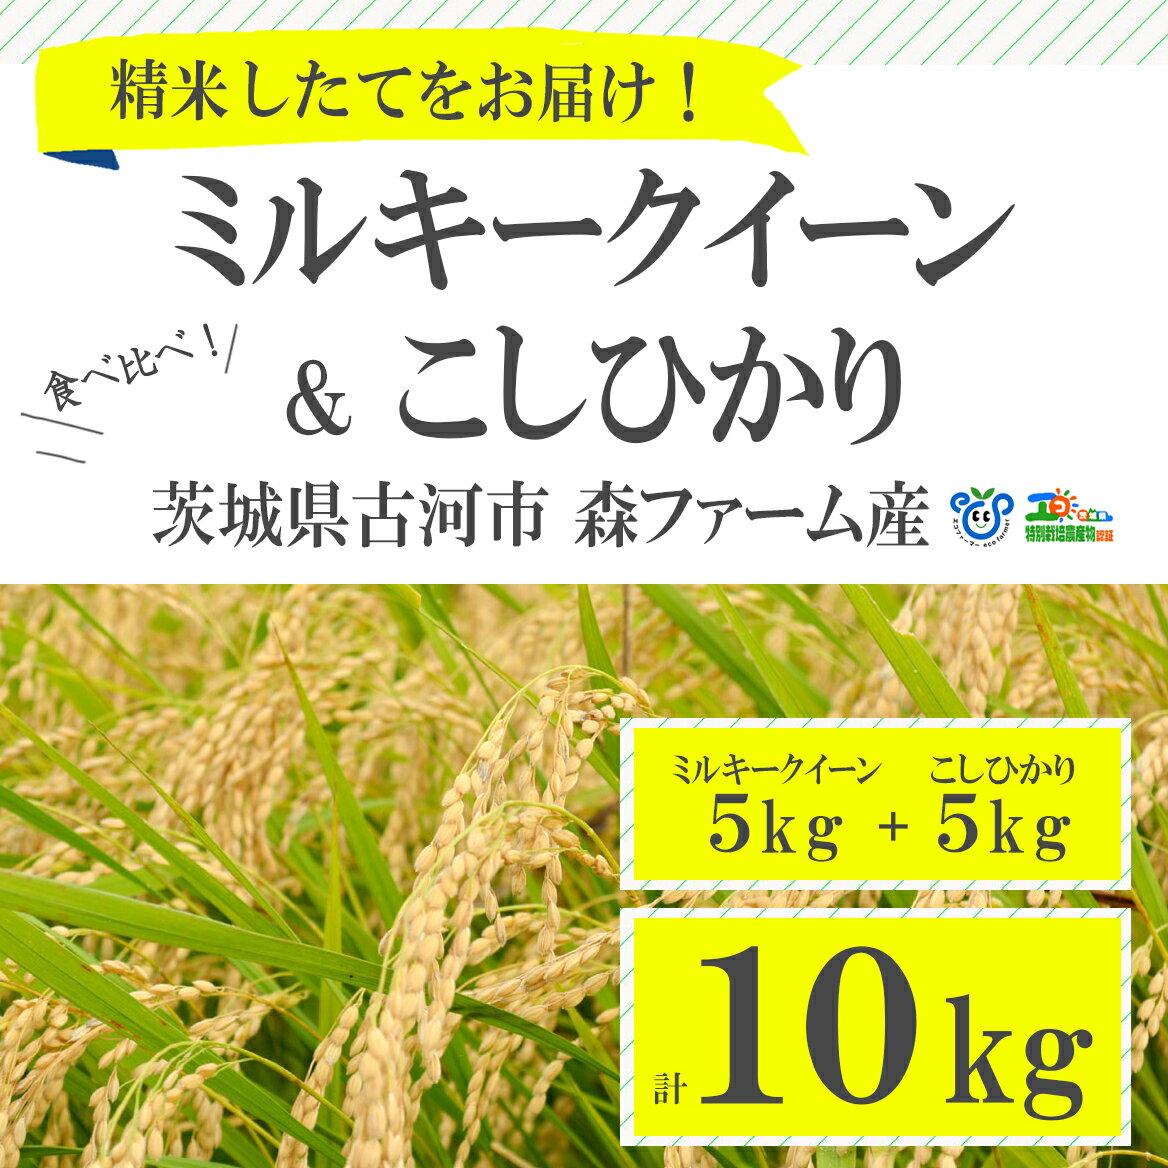 【ふるさと納税】BI01_食べ比べ!低農薬米こしひかりとミルキークイーン計10kg【お中元・お歳暮にも!】 米/コシヒカリ/ギフト/セット商品/